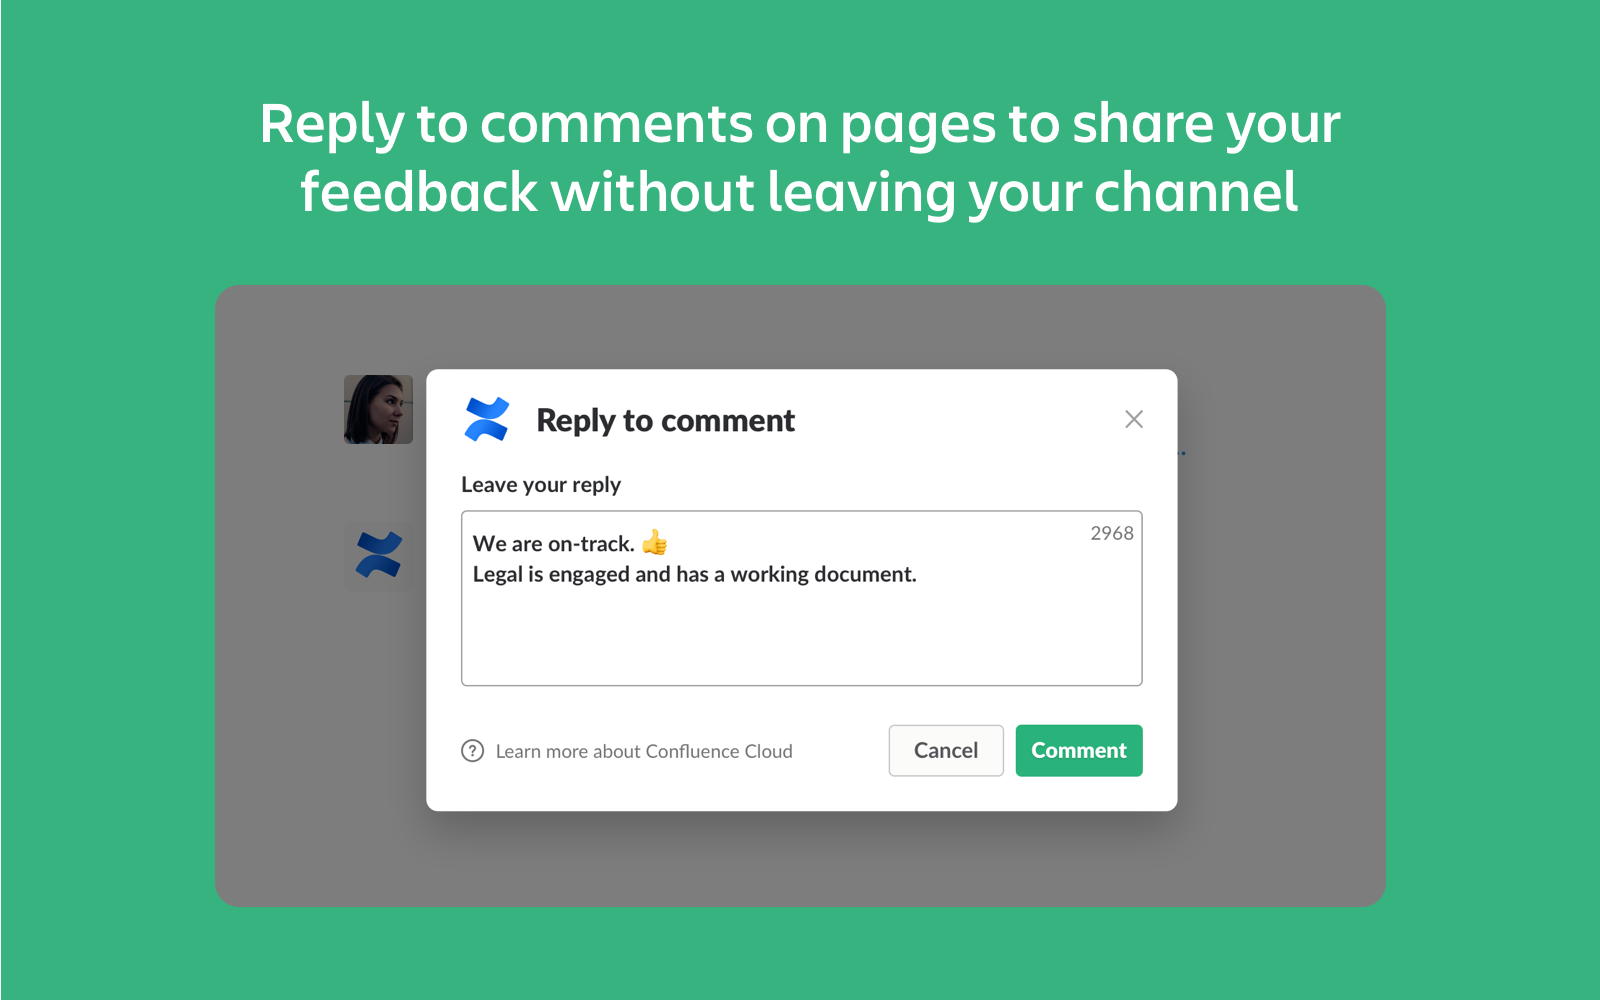 Antworte auf Kommentare auf Confluence-Seiten, ohne den Slack-Kanal zu verlassen